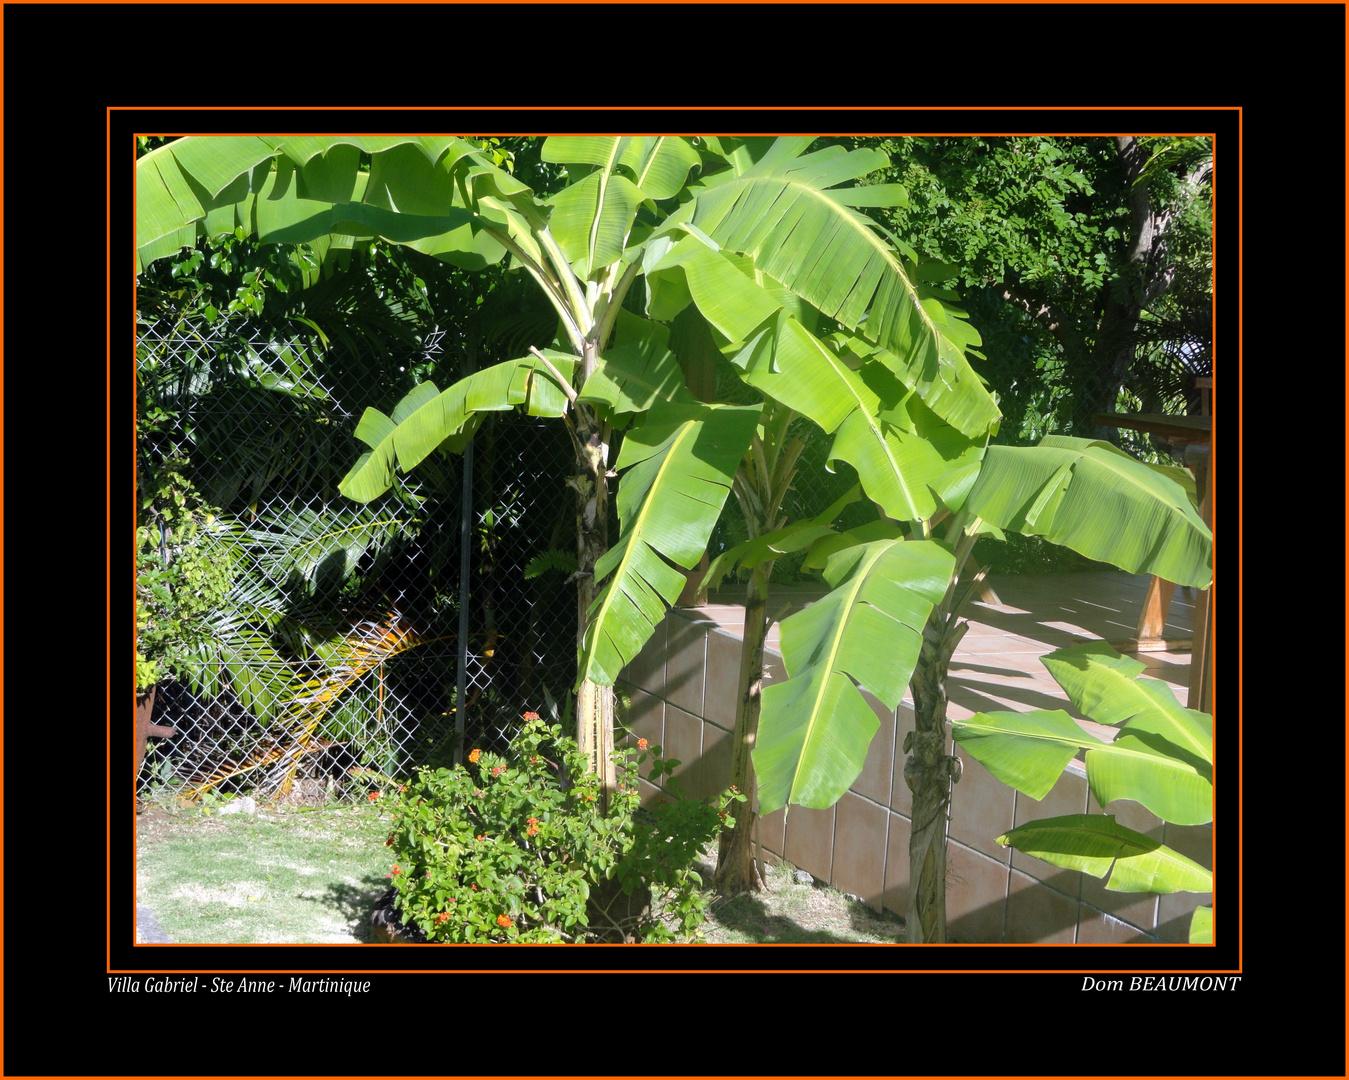 Villa Gabriel - Ste Anne - Martinique